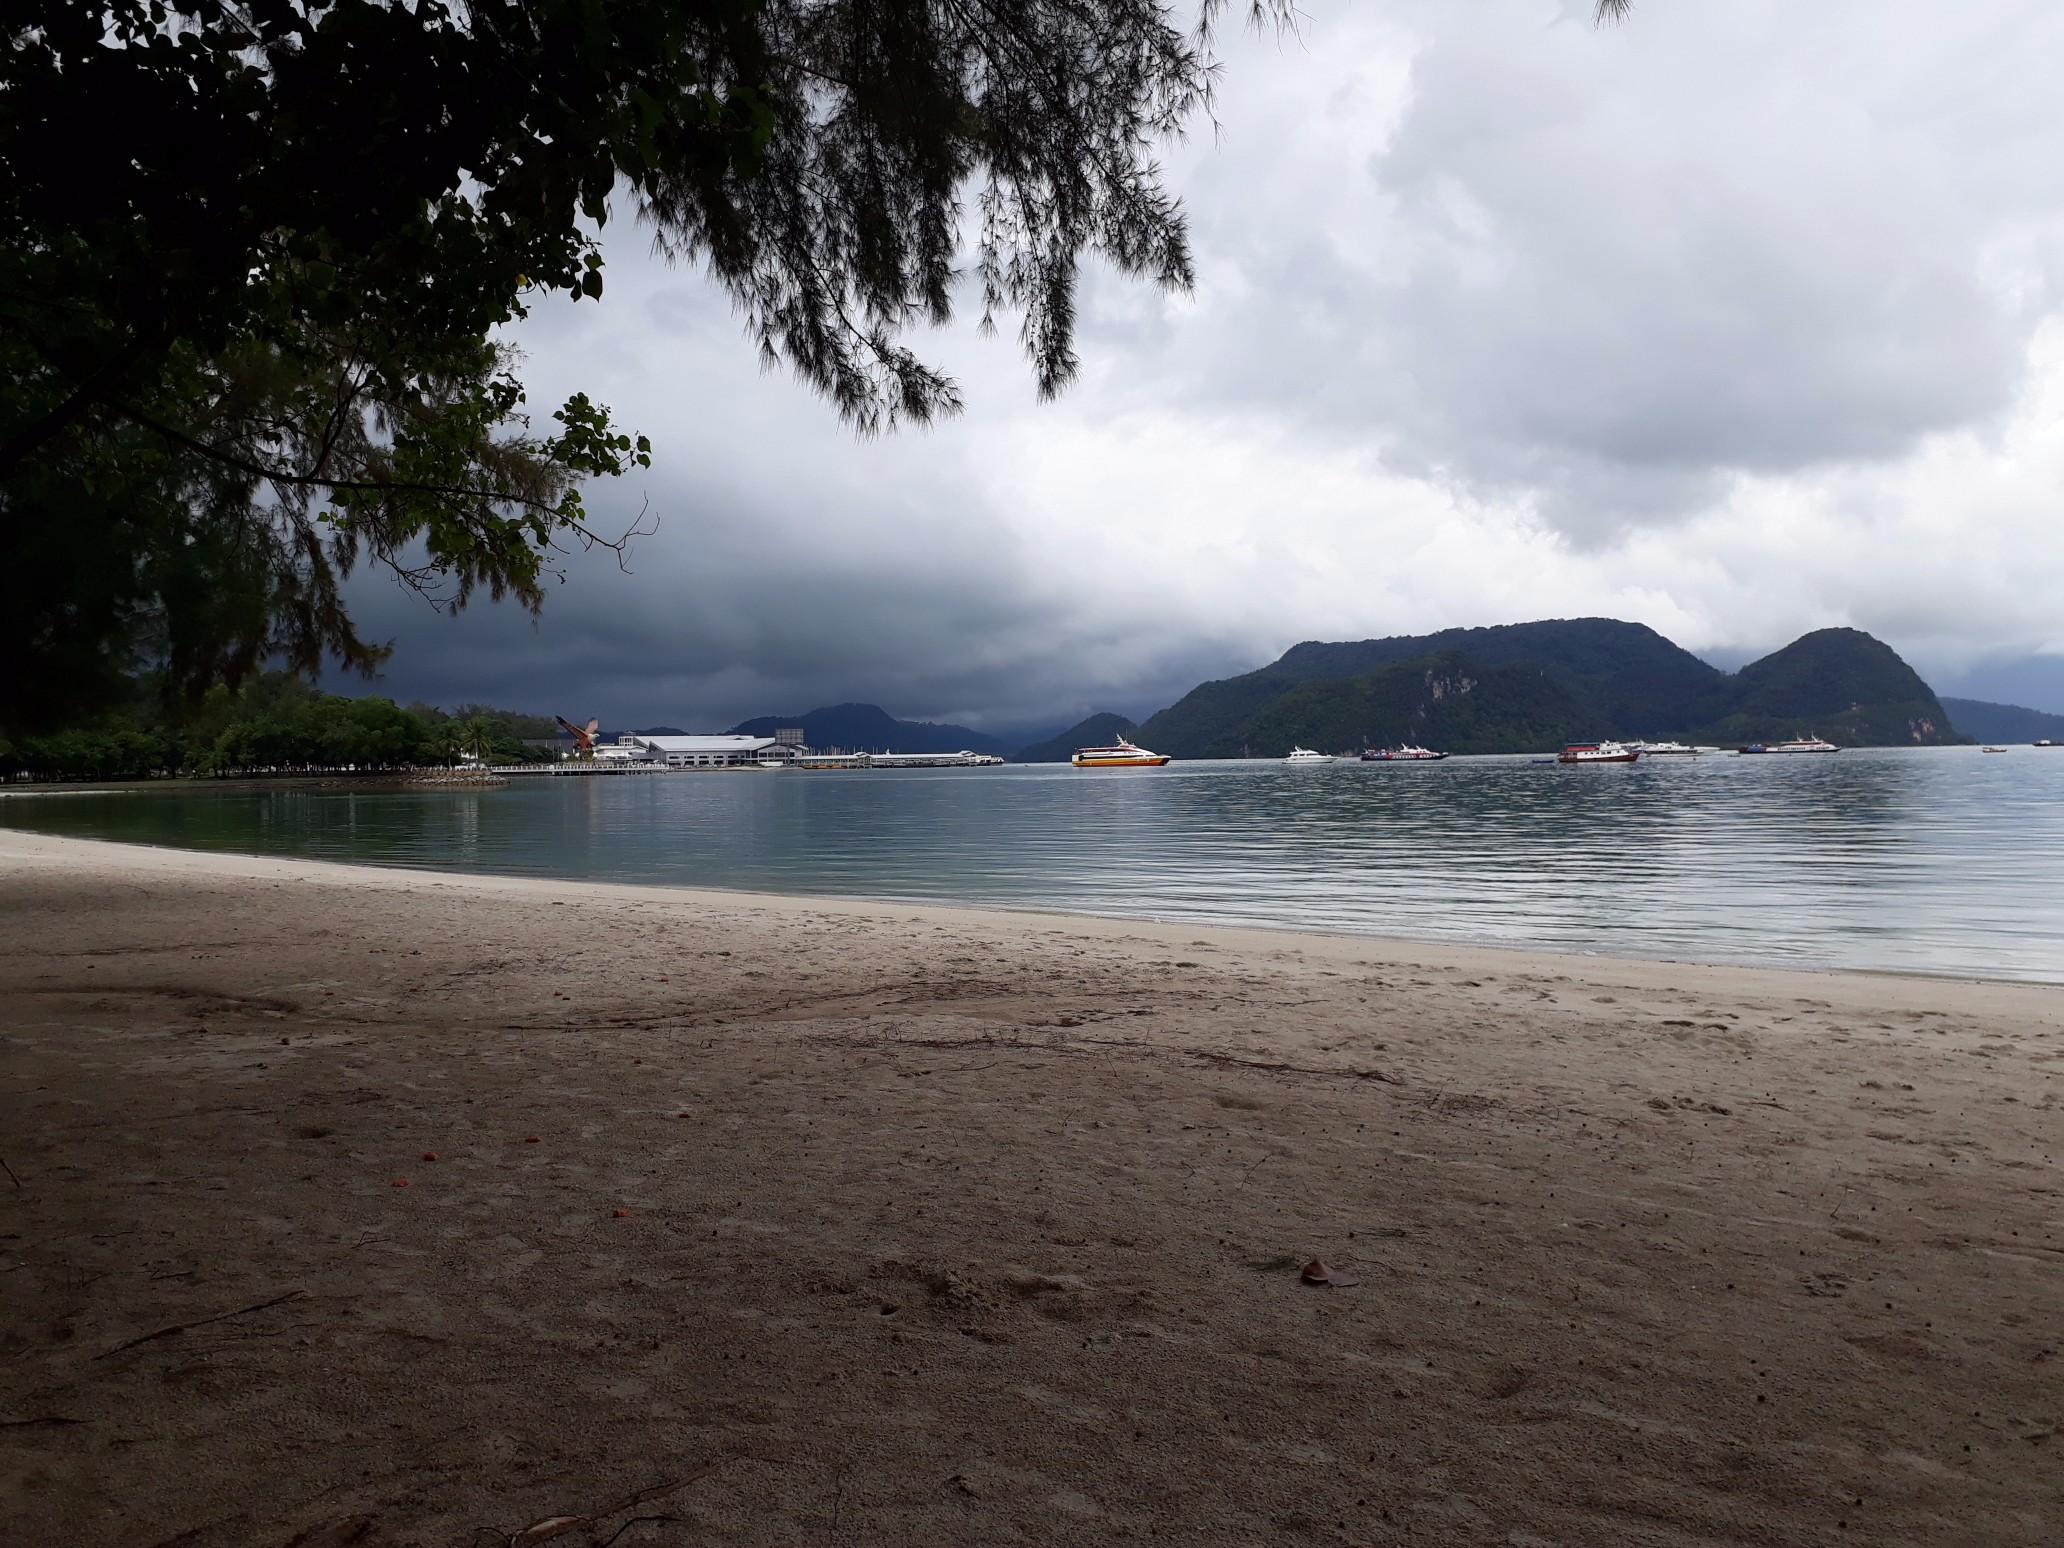 Chogm beach